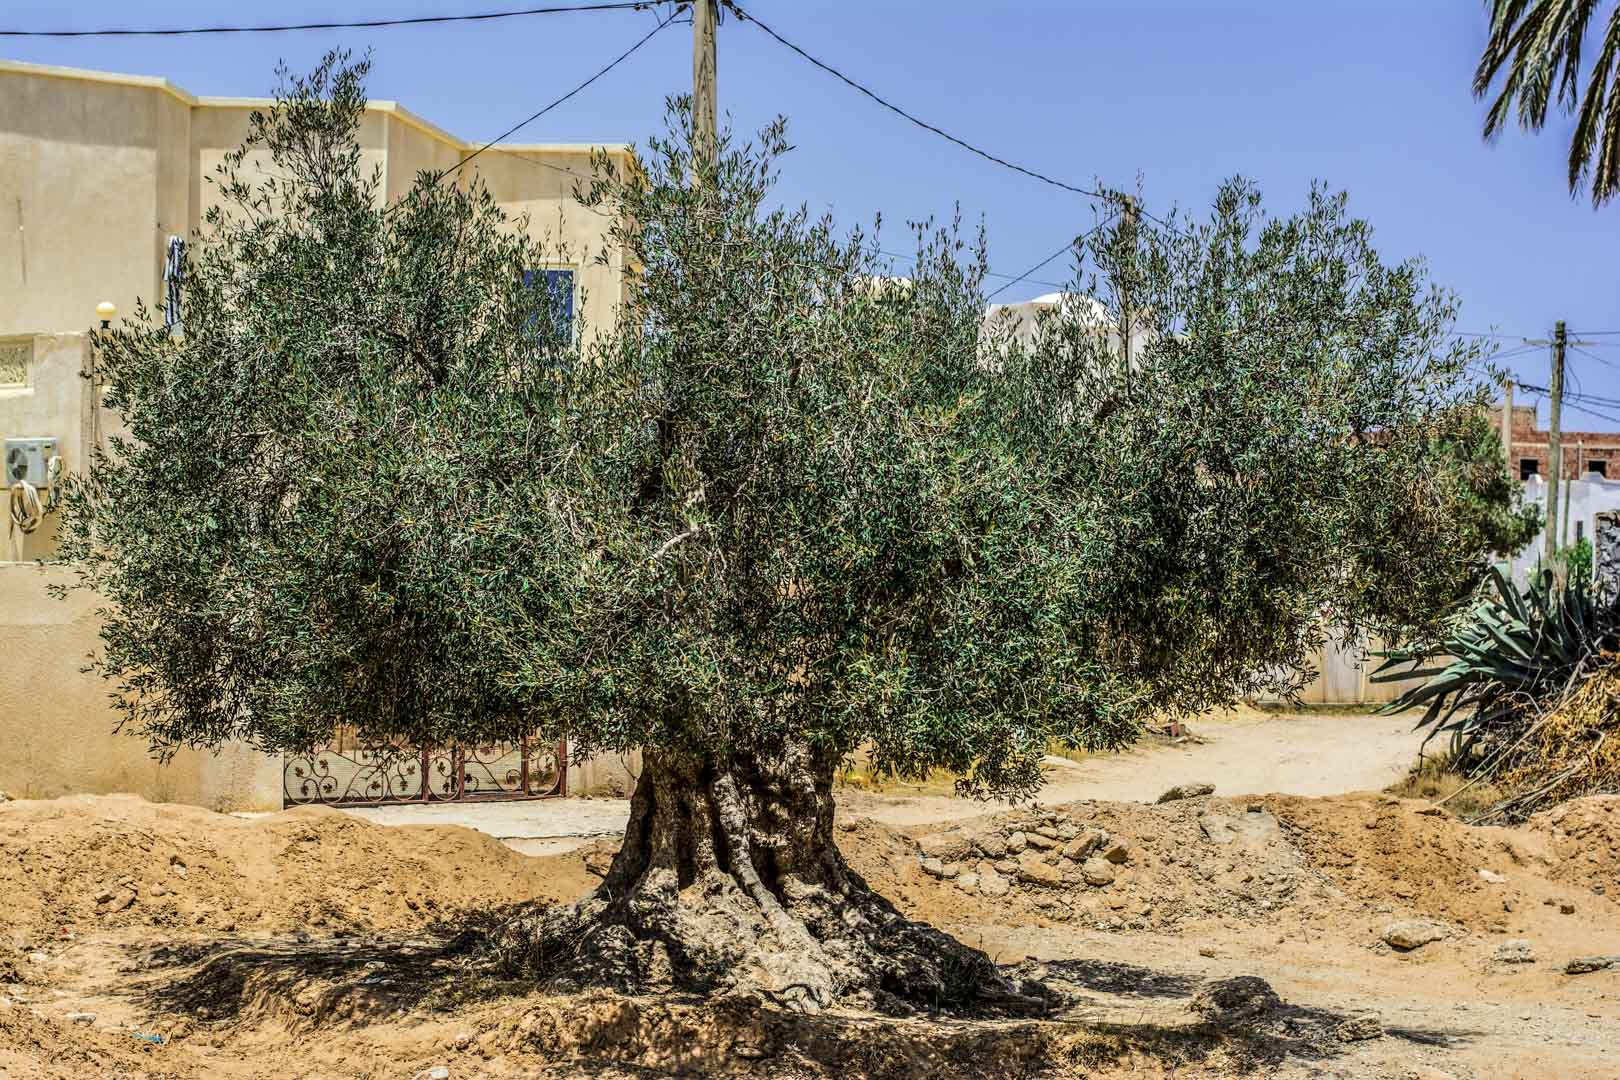 Fotografická expedice Djerba 2017 reportážní fotograf praha Jakub Morávek Djerba photography -137